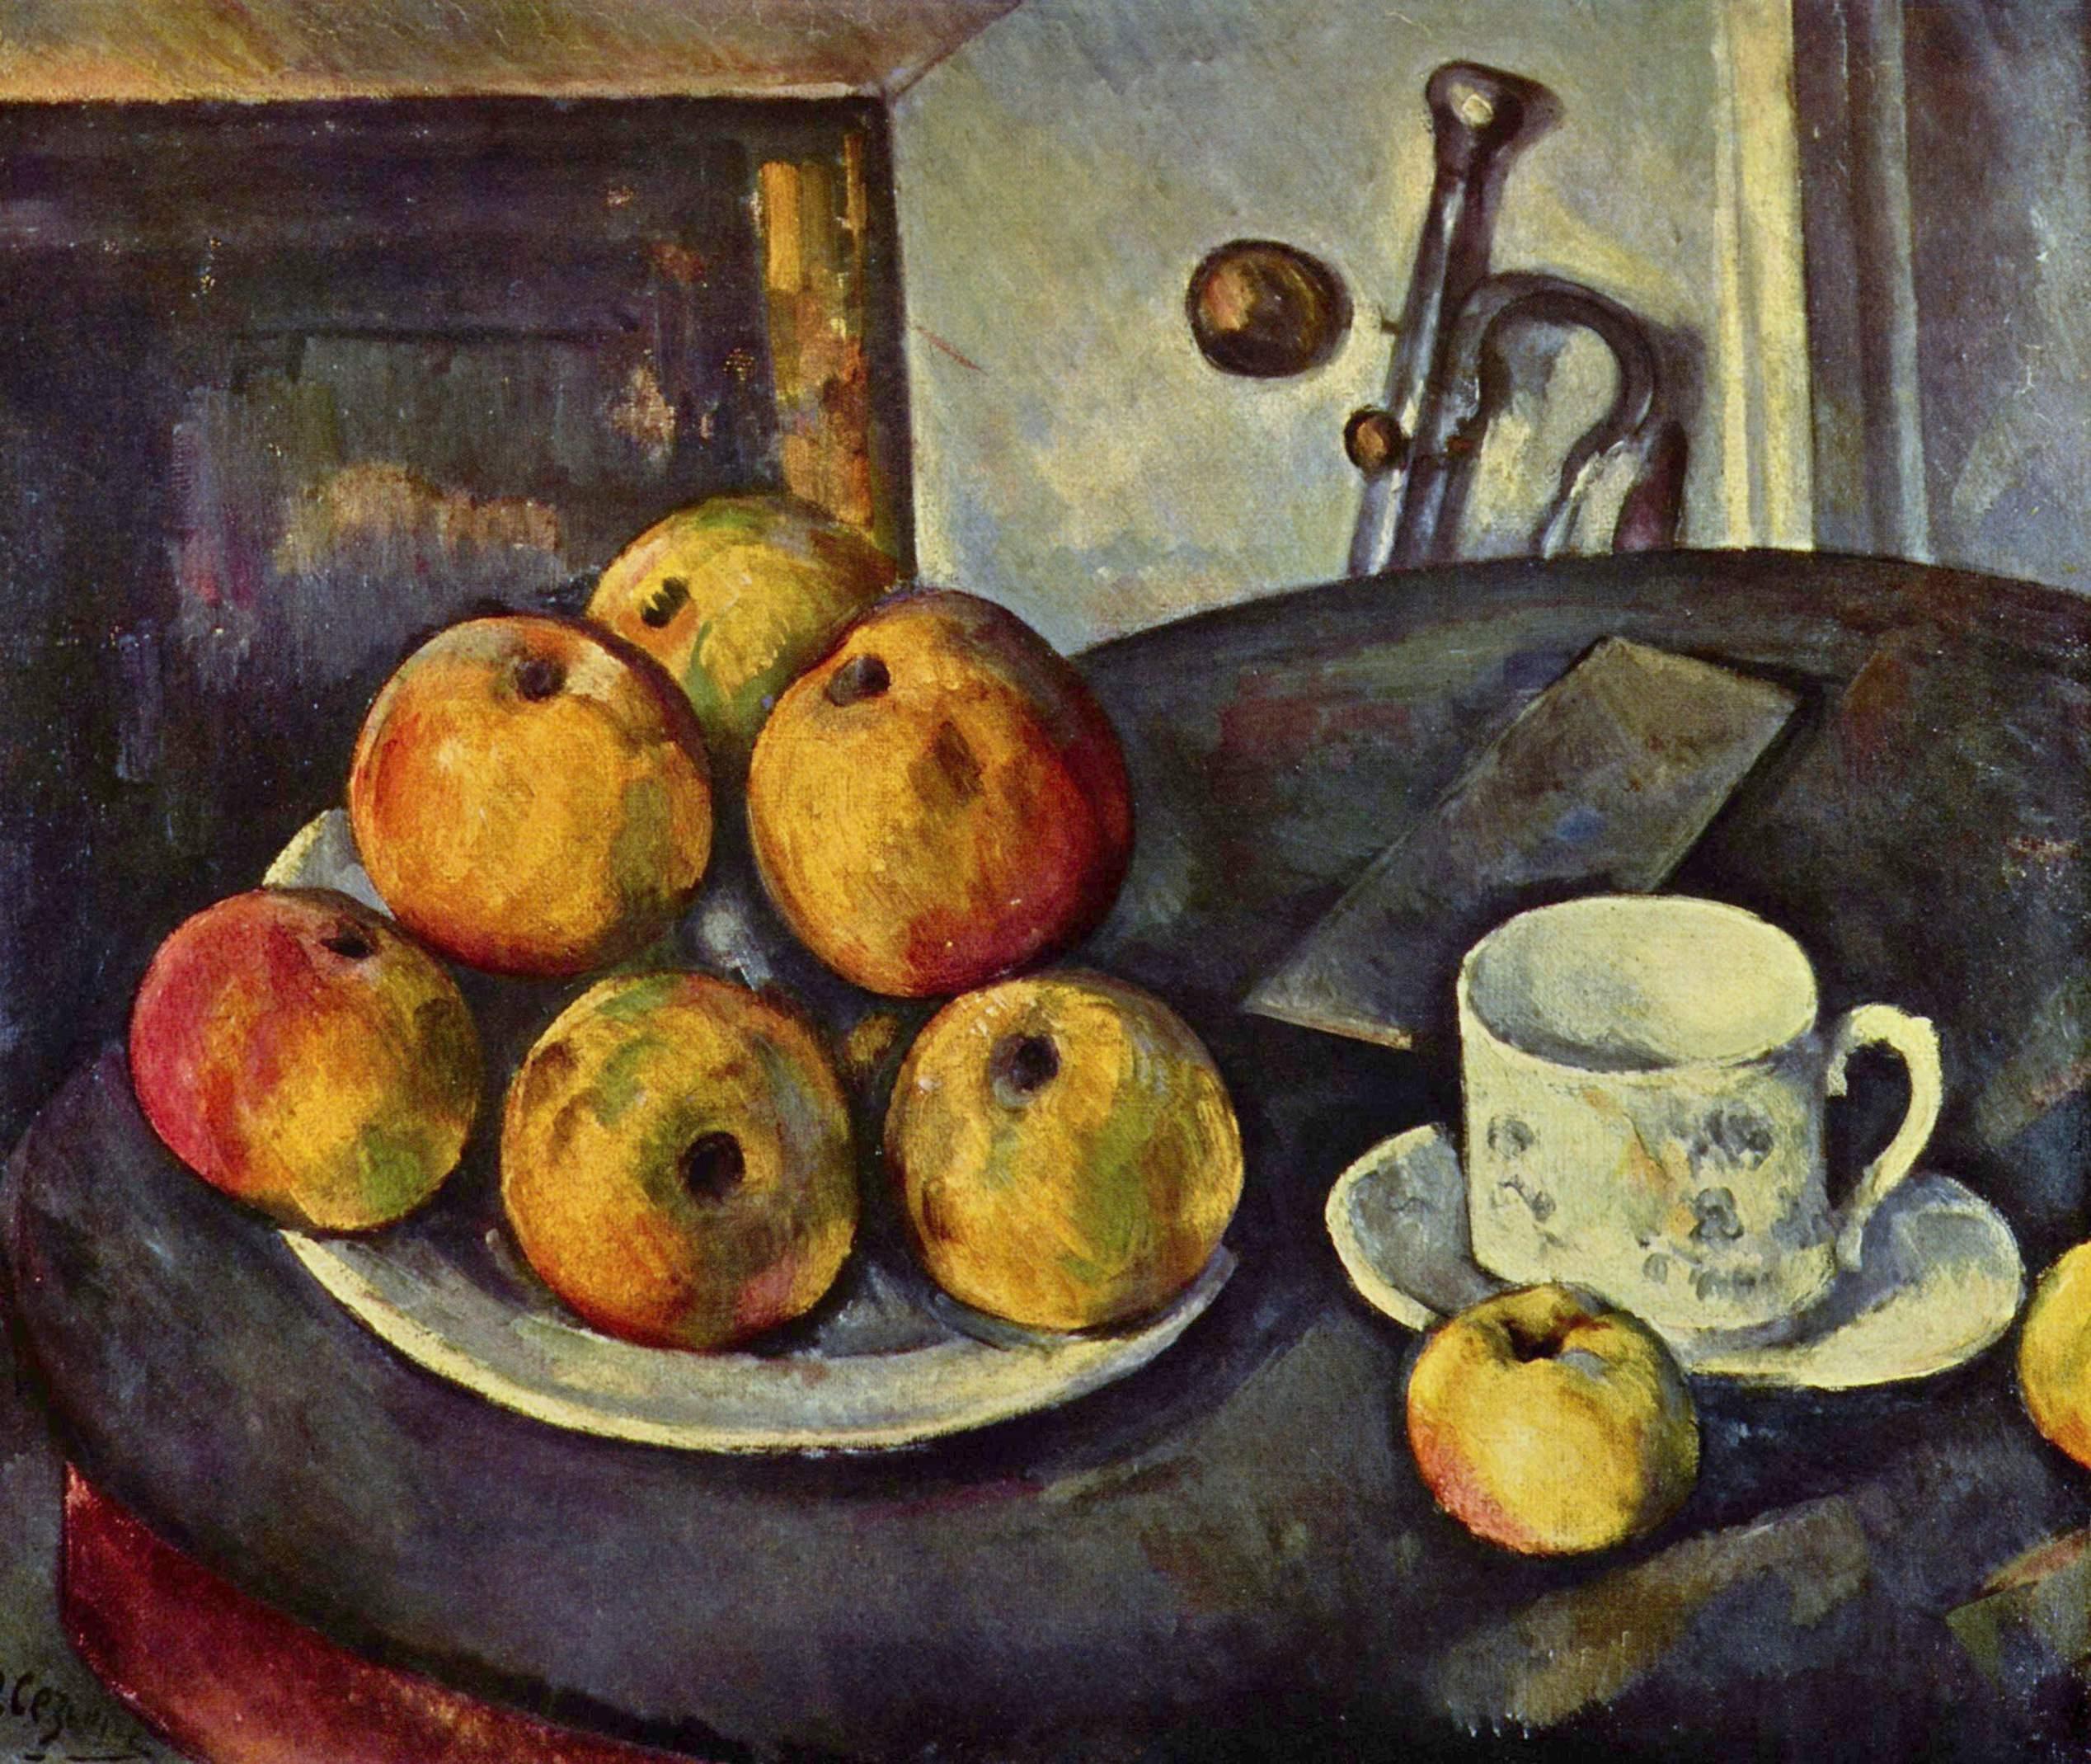 Поль Сезанн Натюрморт с яблоками 1894 год